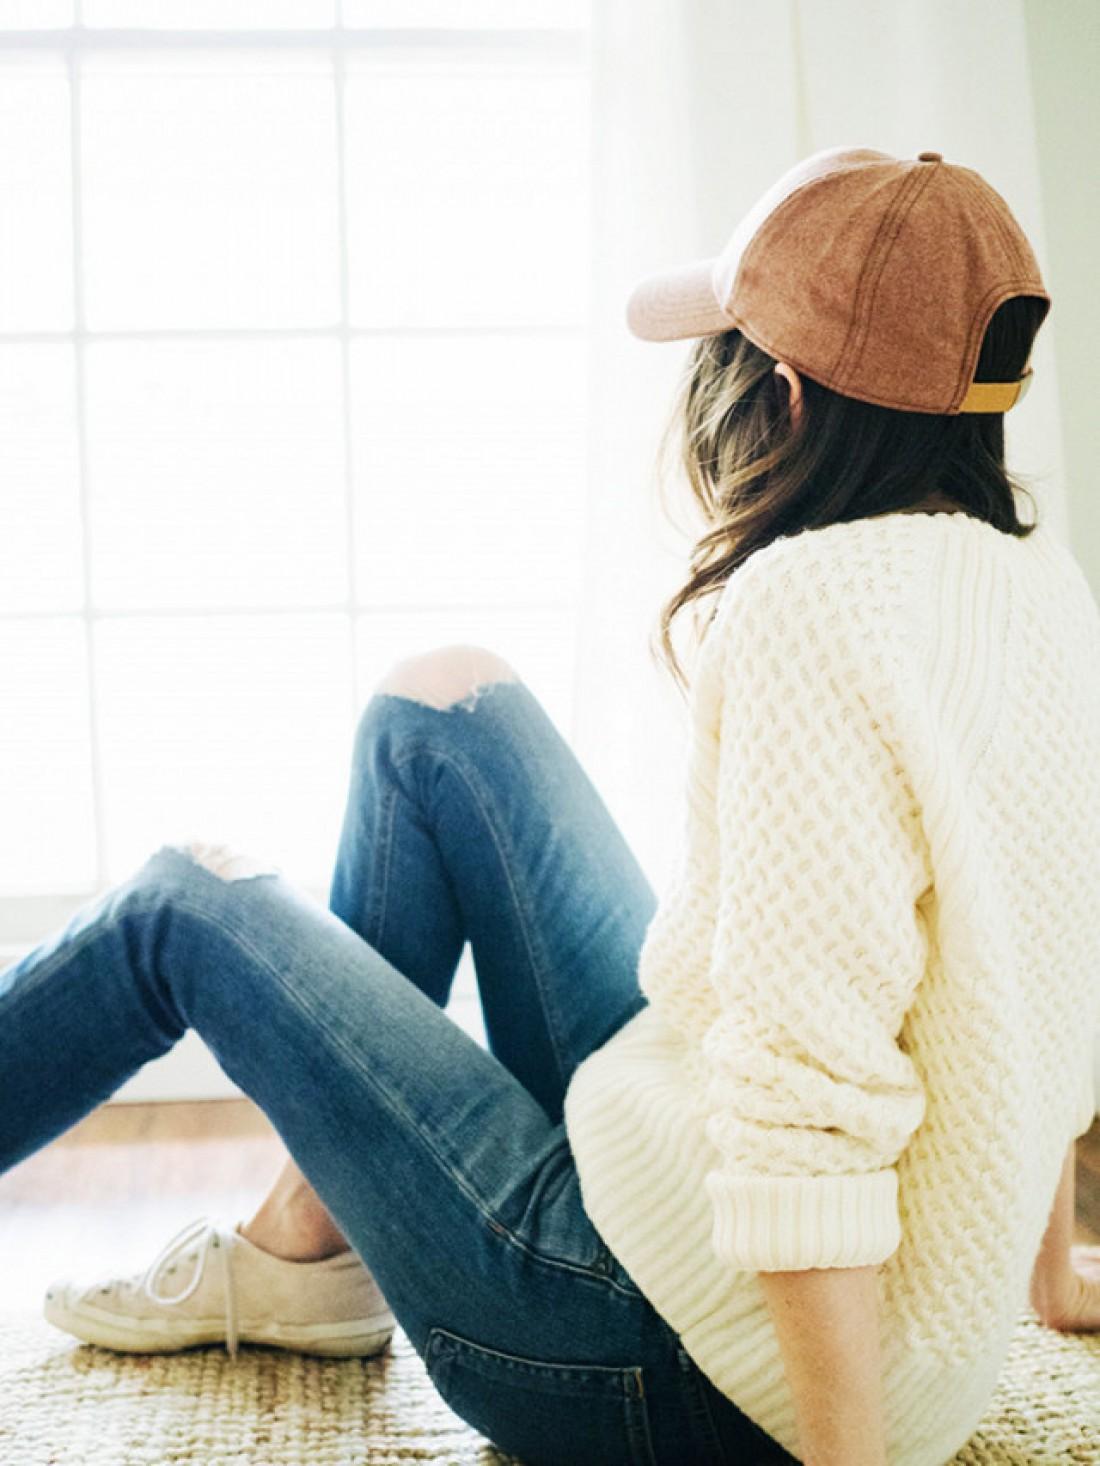 Учти все факторы, которые влияют на твой стиль и манеру одеваться